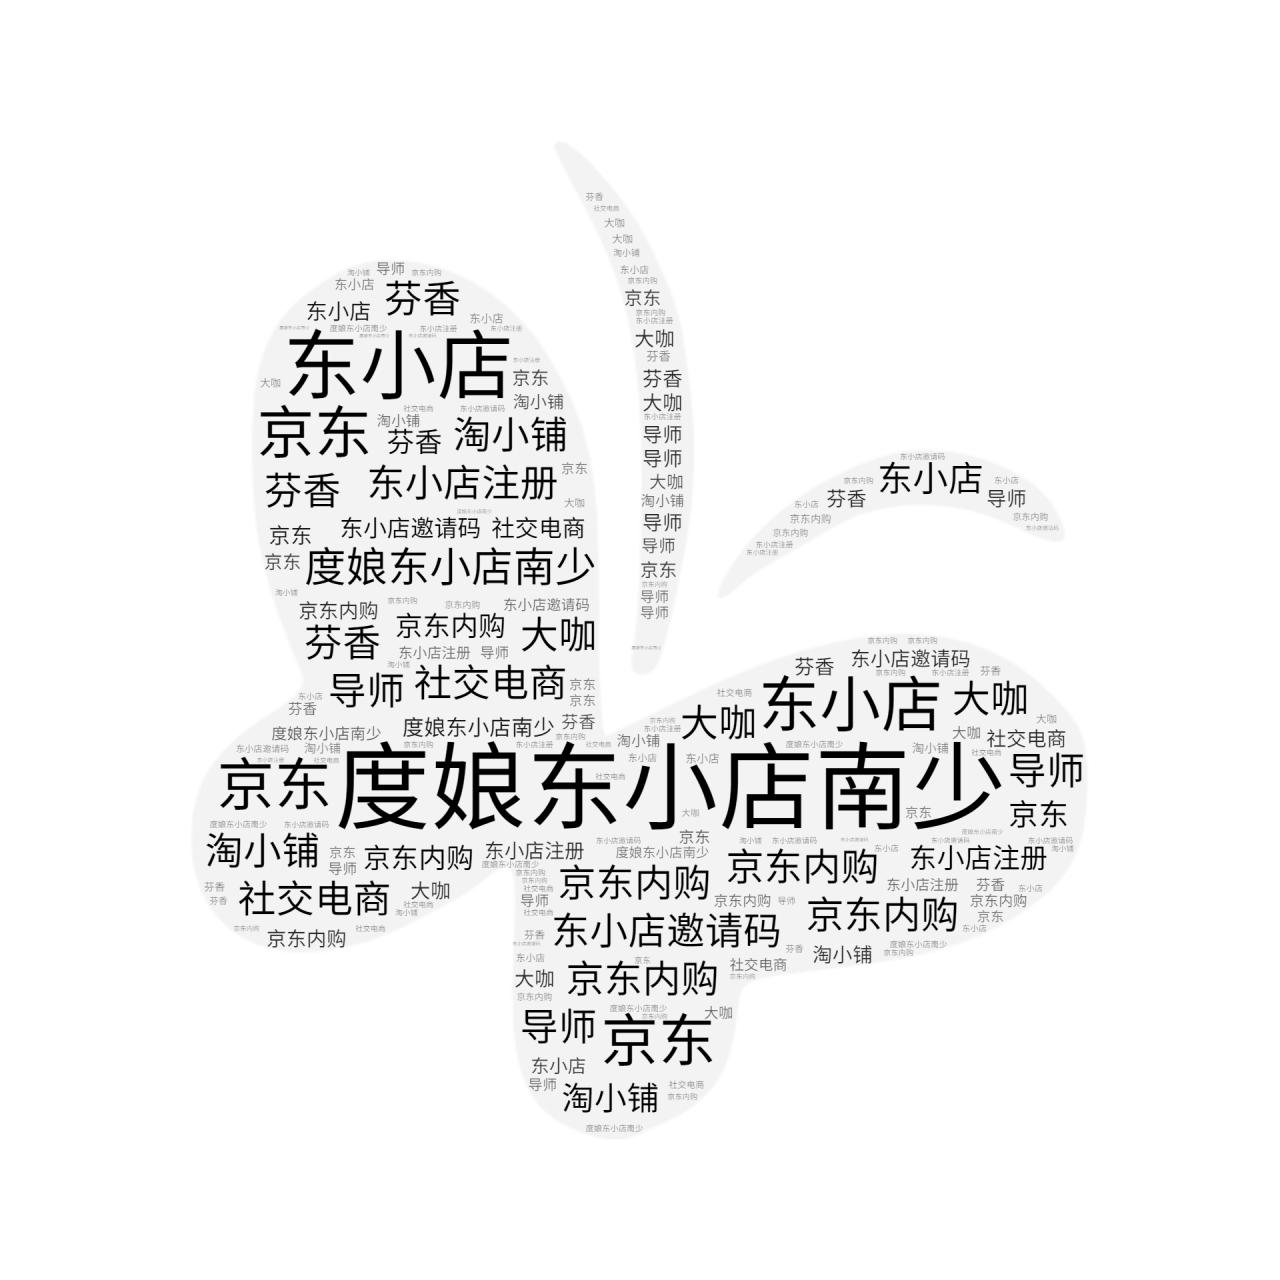 东小店南少:怎么加入京东社交电商?京东社交电商平台哪个好?插图5